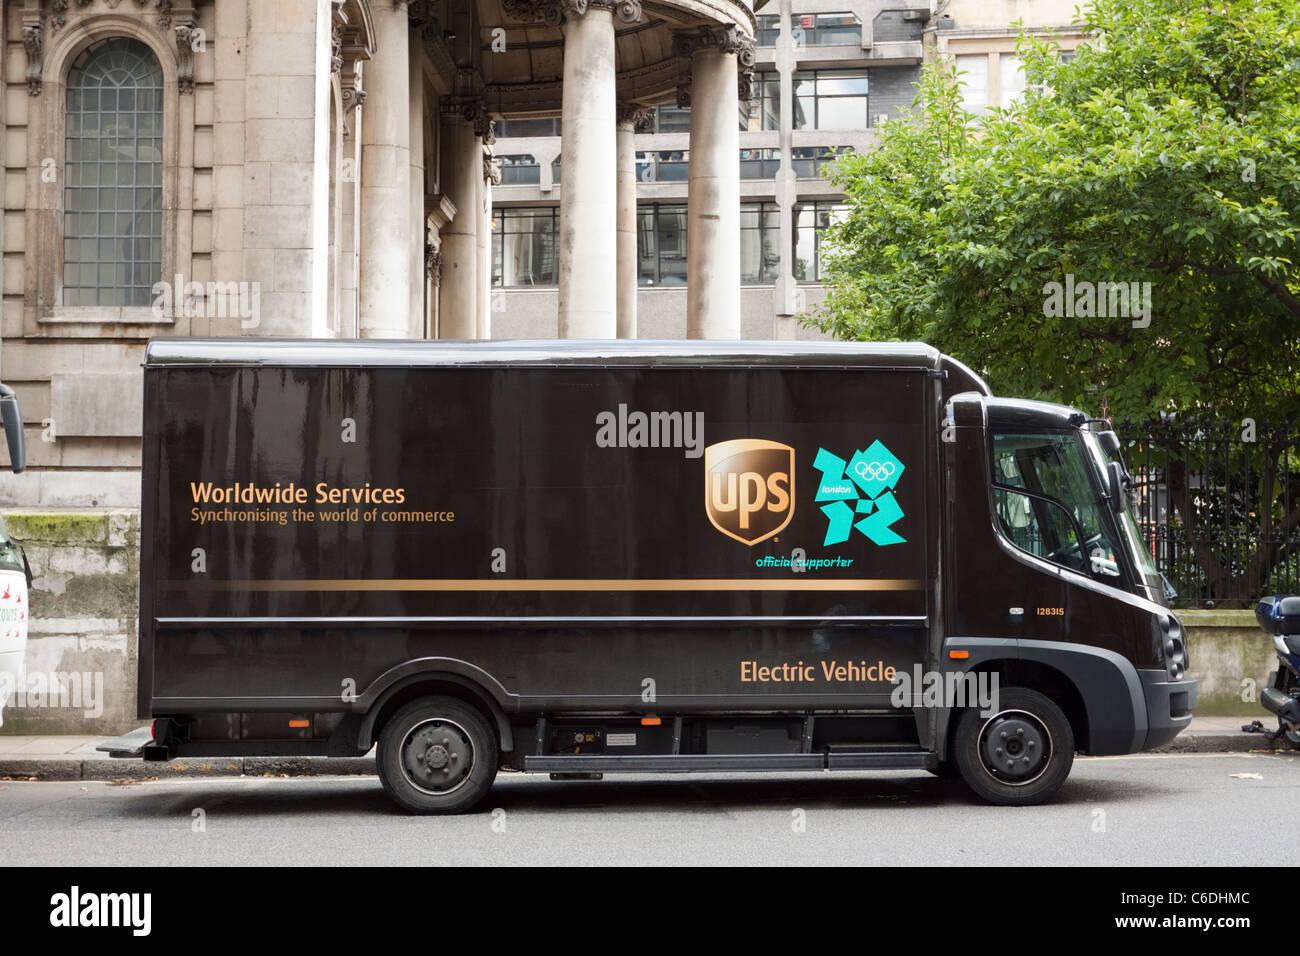 UPS parcel delivery carrello, veicolo elettrico, London, England, Regno Unito Immagini Stock